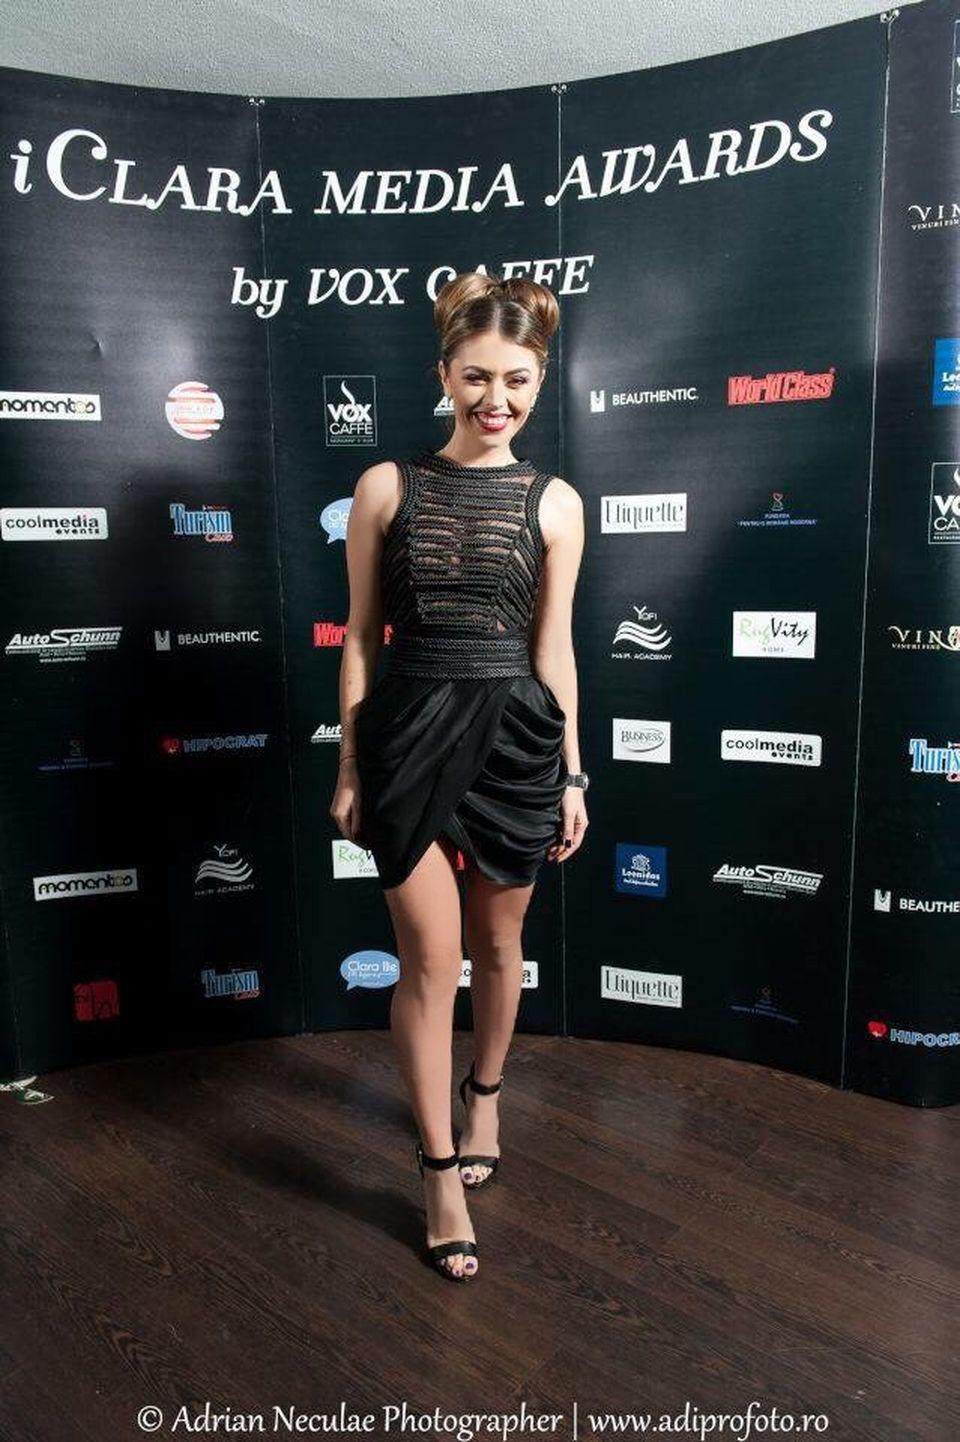 EXCLUSIV! Ana Gheorghe este o blogger-ita de succes! Sora Elenei Gheorghe a primit un premiul pentru blogul ei! A purtat o rochie super sexy la eveniment!